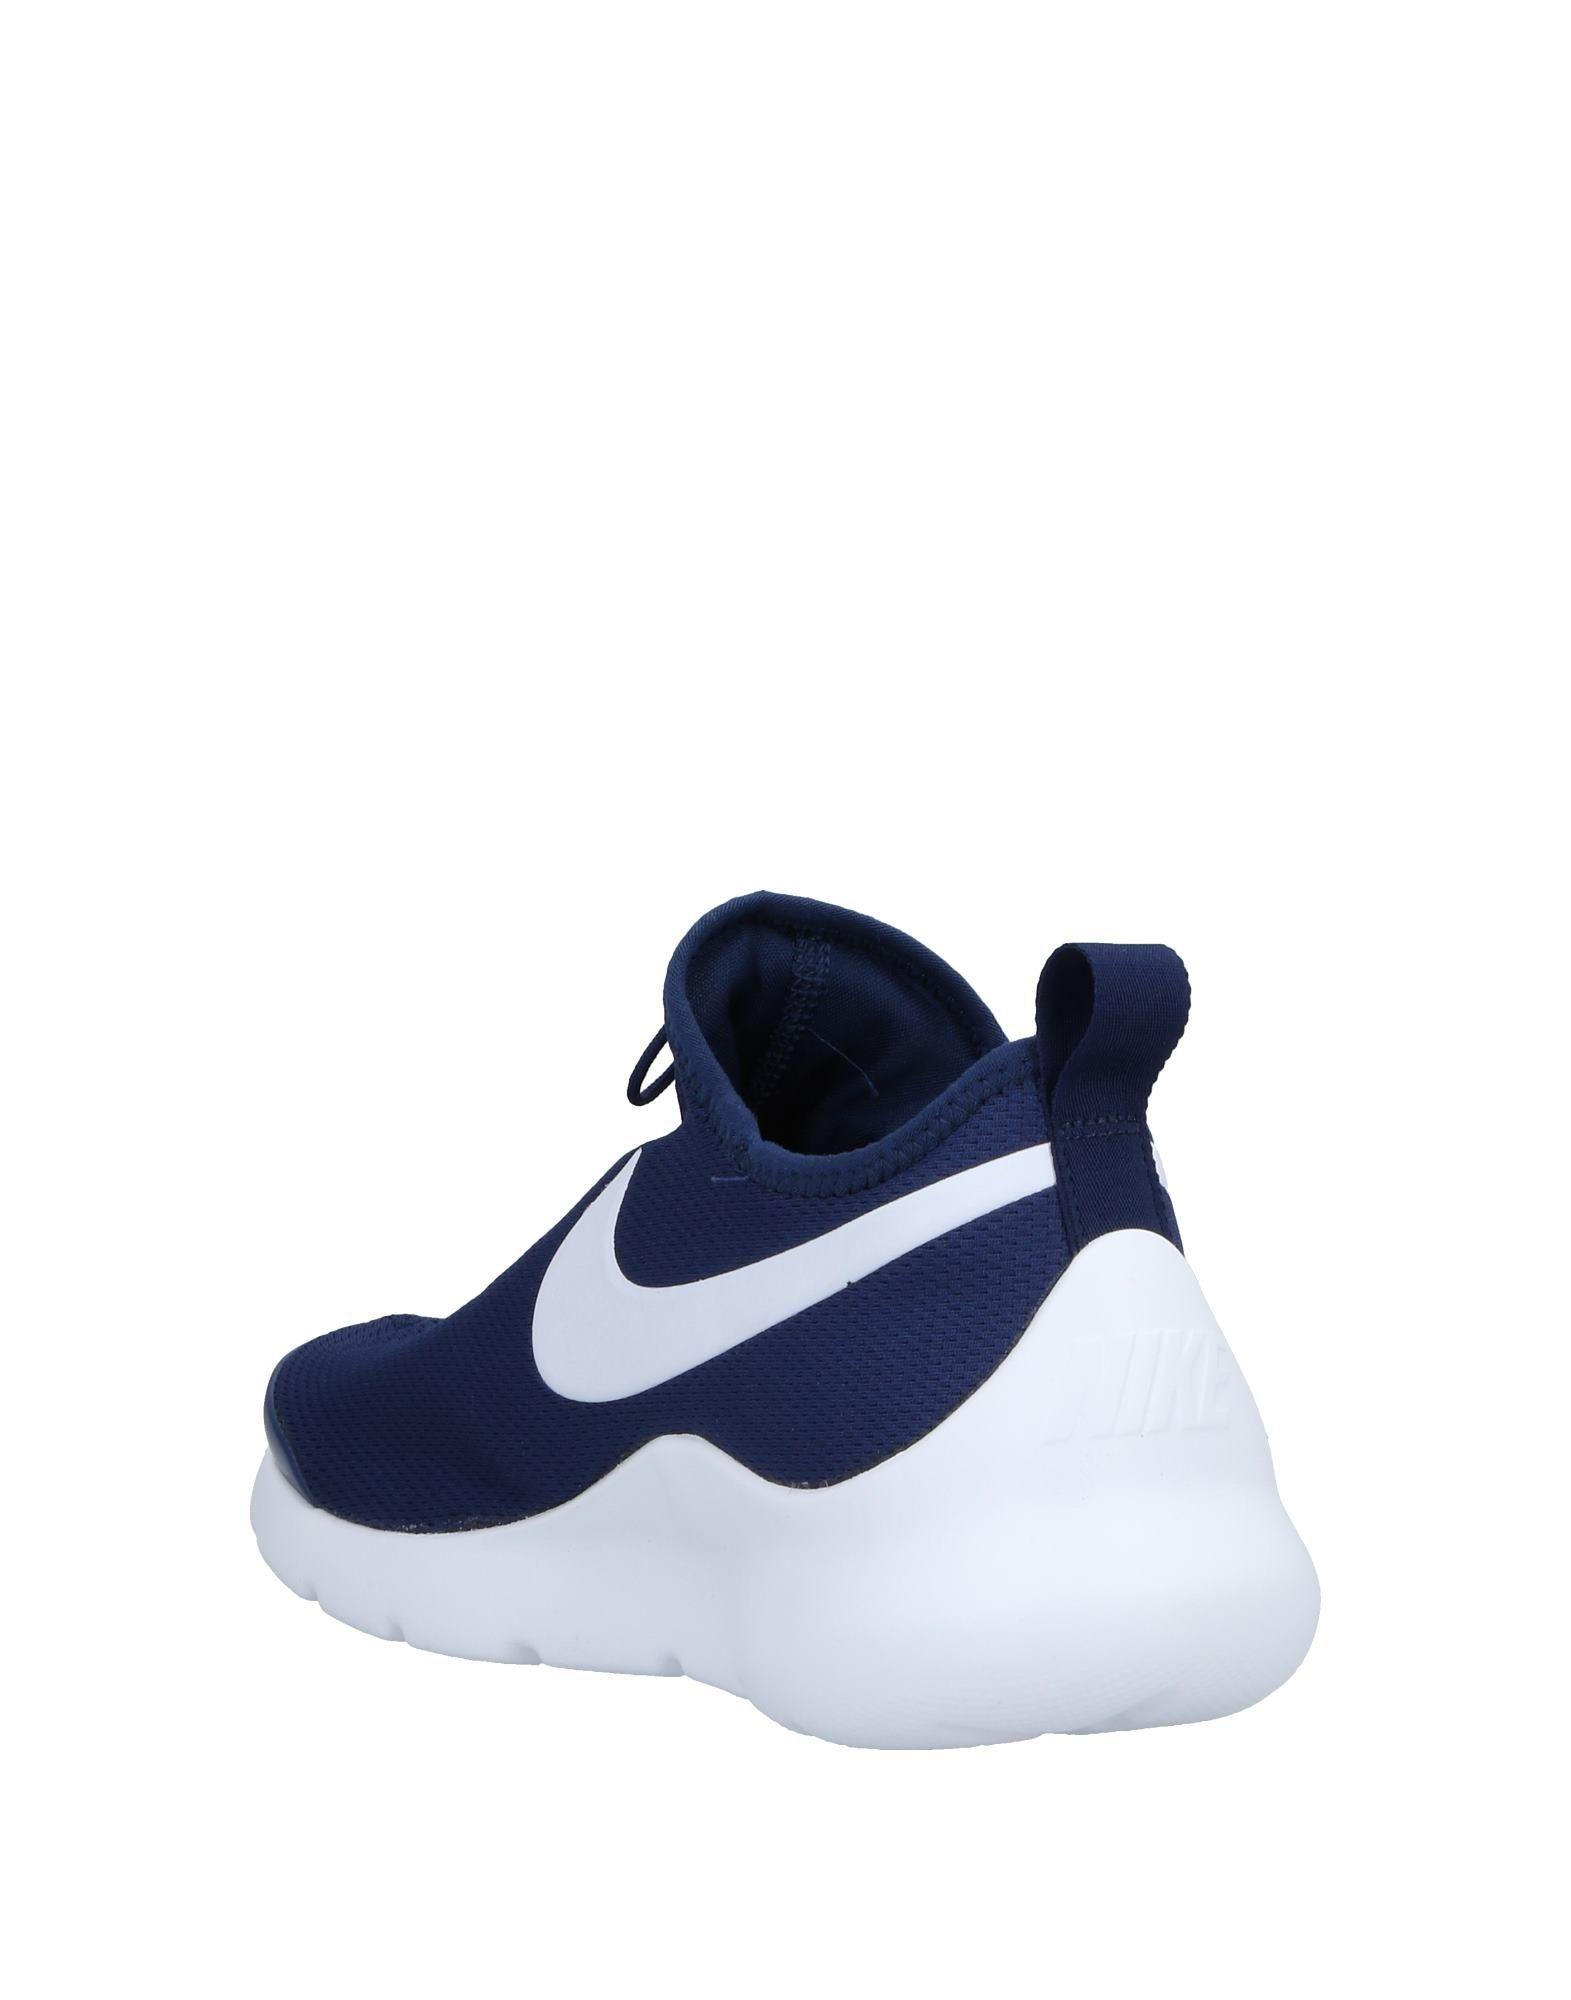 Rabatt Herren echte Schuhe Nike Sneakers Herren Rabatt  11526278XR 7690b2